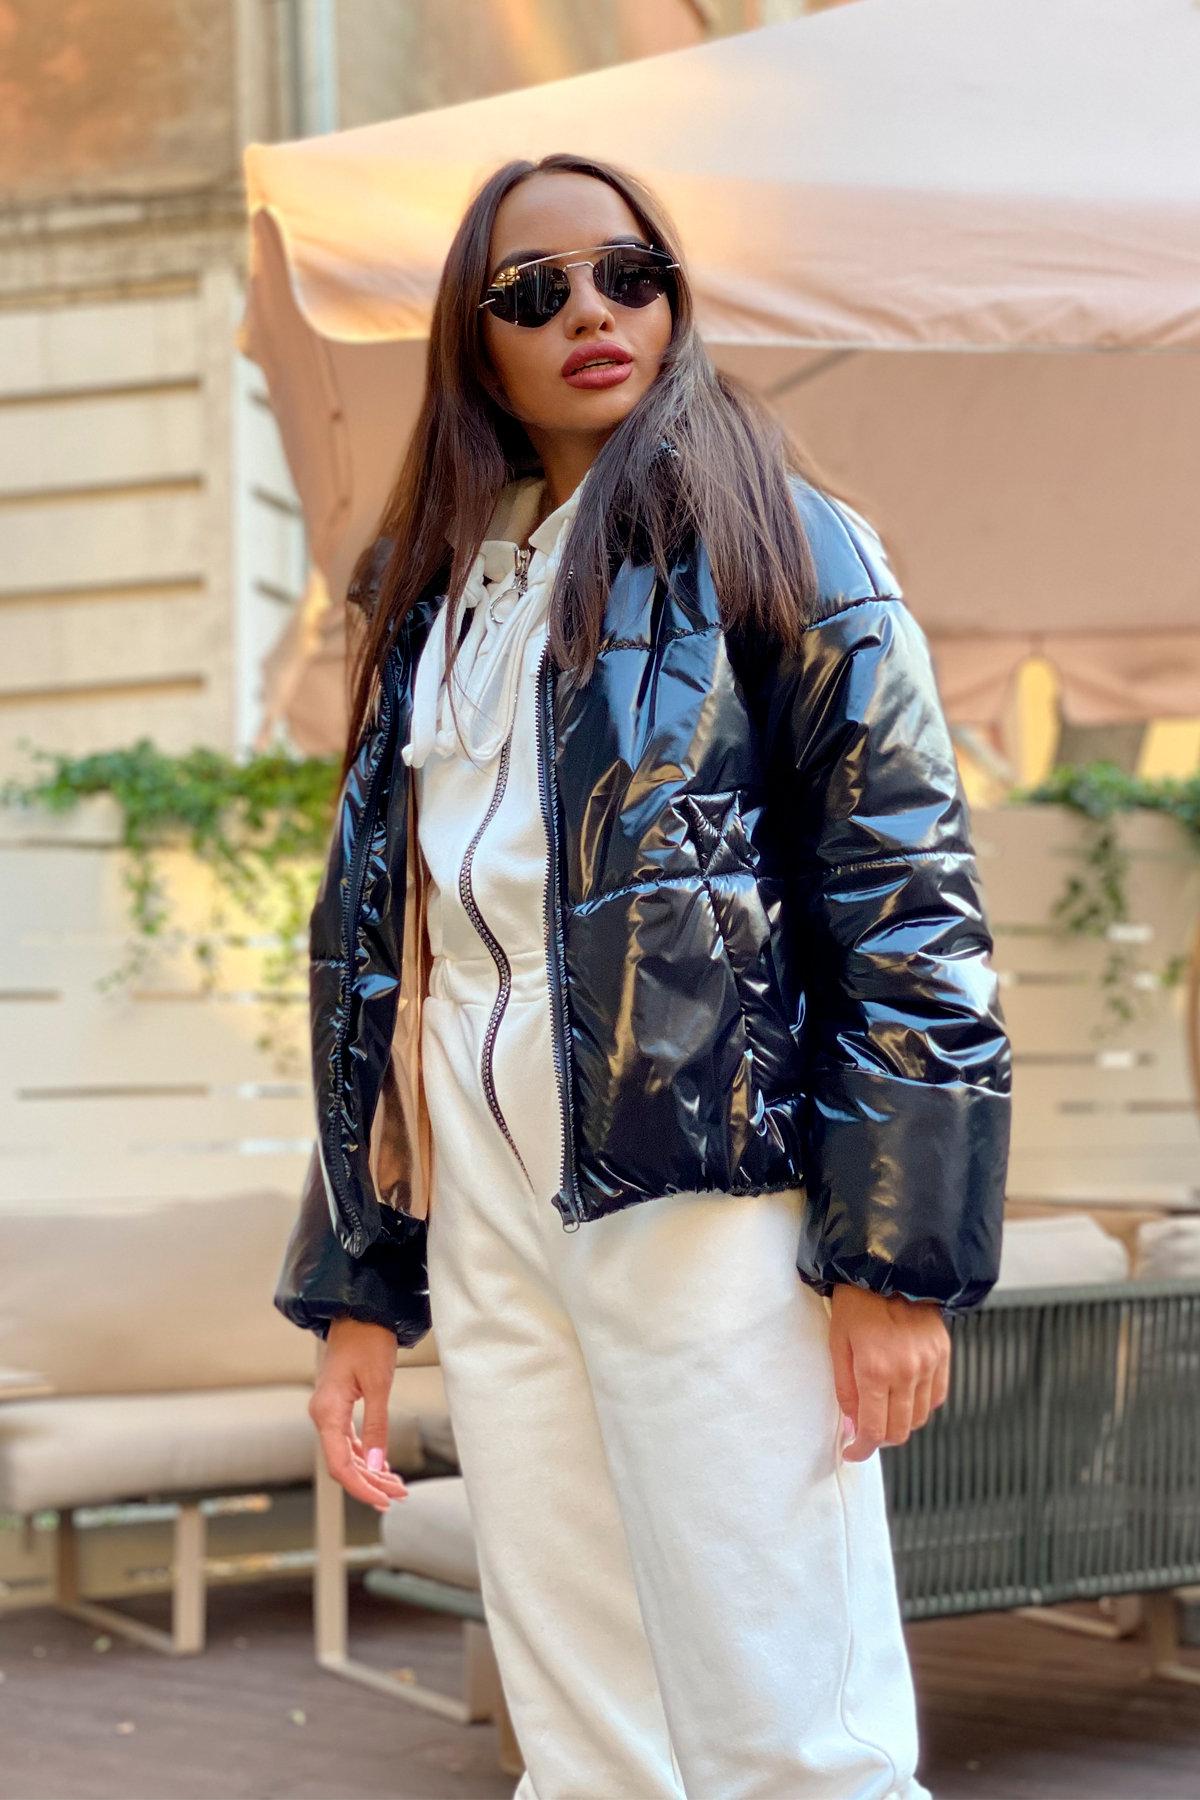 Куртка Драйв 8989 АРТ. 45299 Цвет: Черный - фото 9, интернет магазин tm-modus.ru